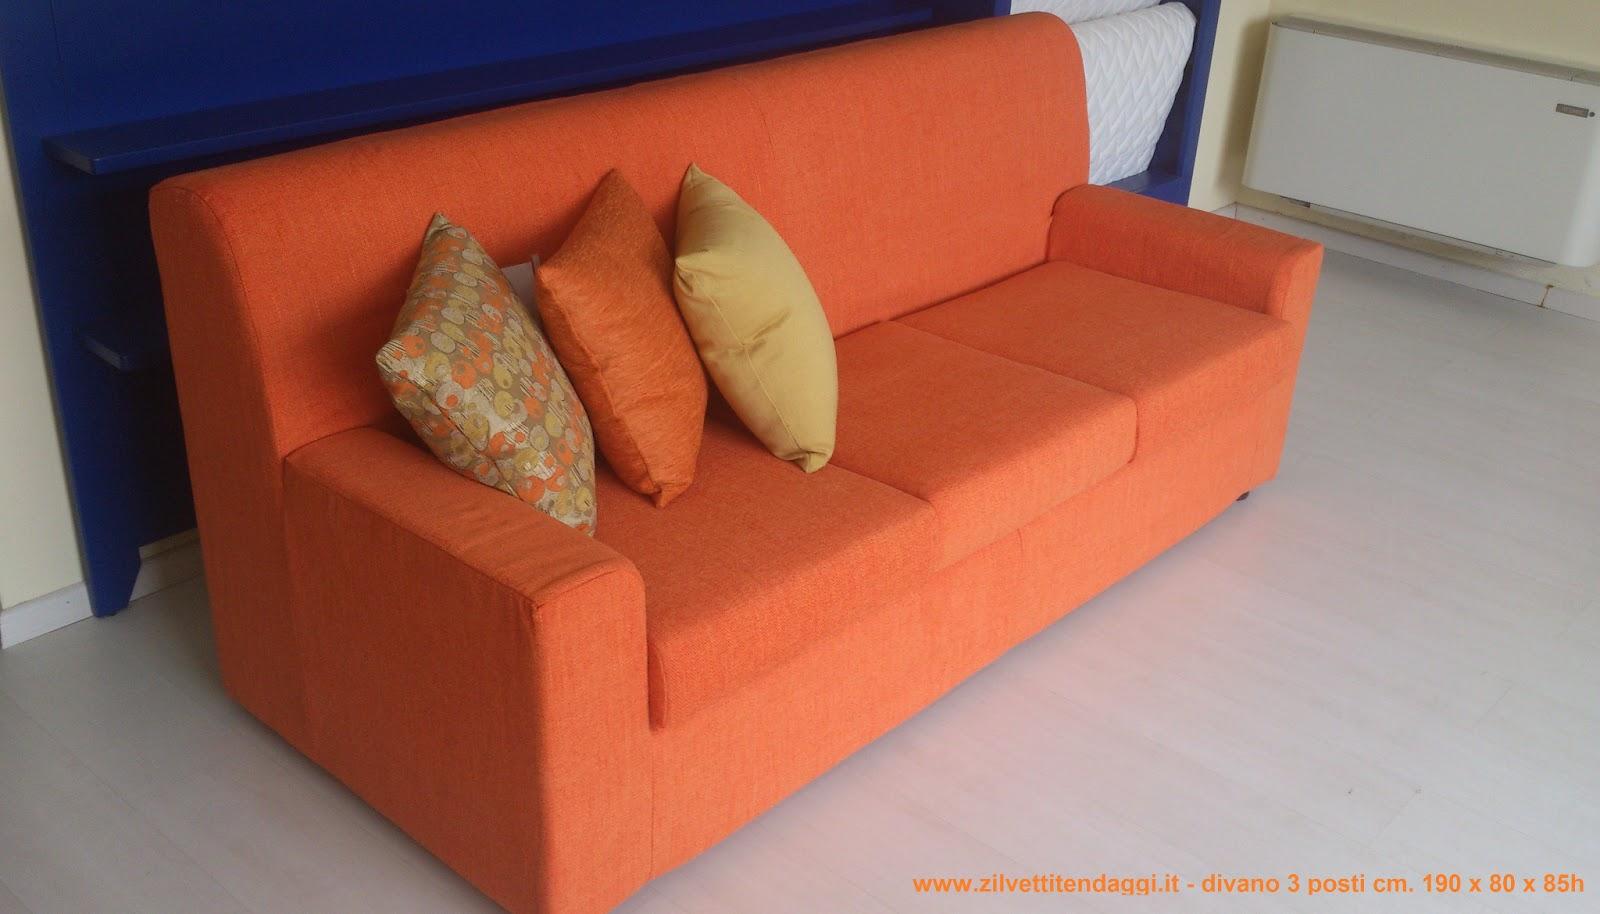 Tende materassi letti poltrone divani zilvetti tendaggi for Divano 100 euro